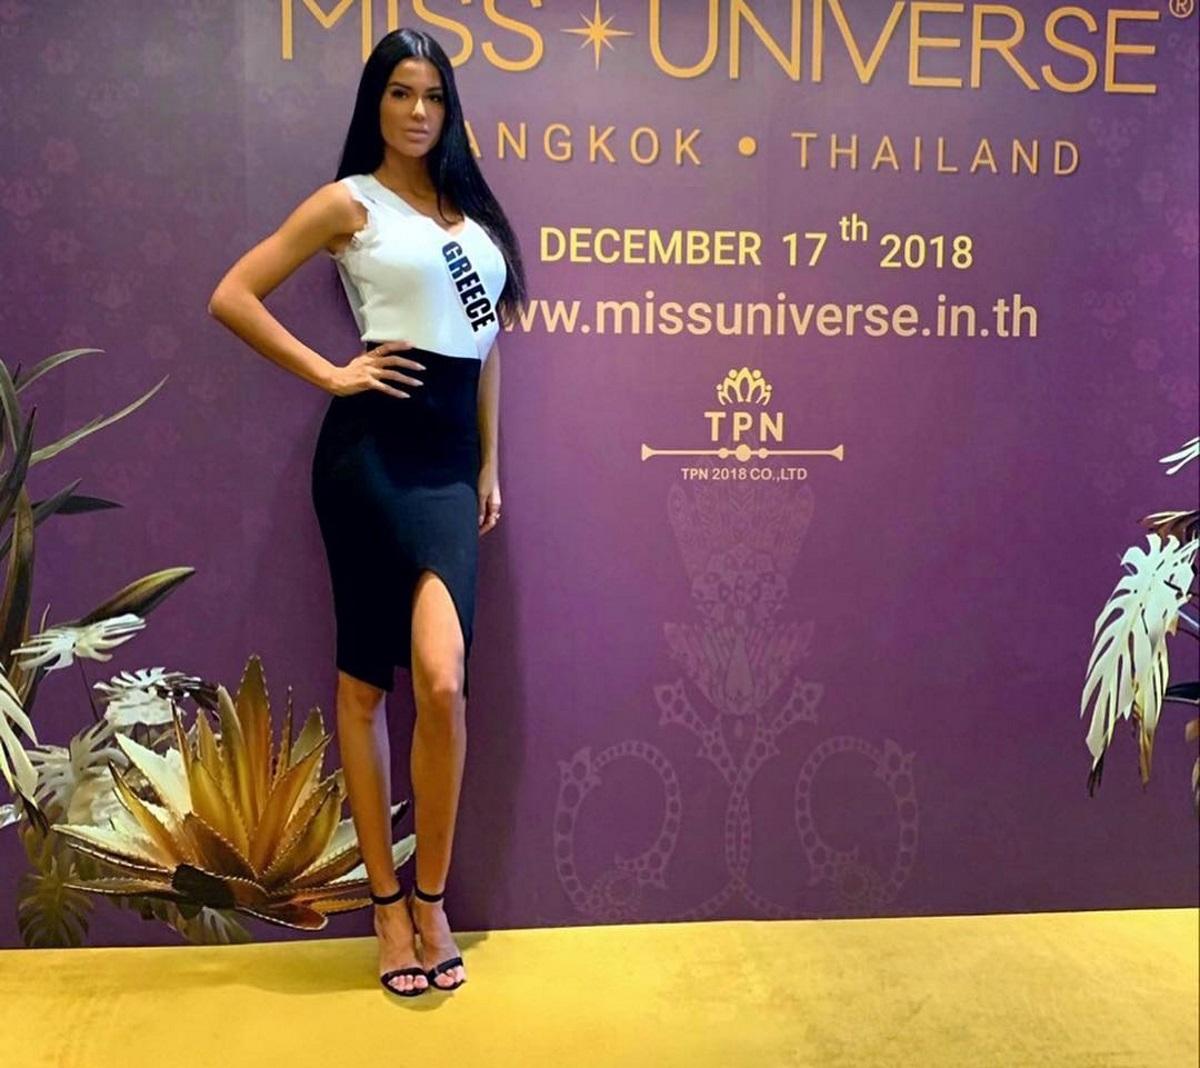 Ιωάννα Μπέλλα: Όλα όσα κάνει στην Ταΐλάνδη λίγο πριν τα Miss Universe! [pics,video] | tlife.gr